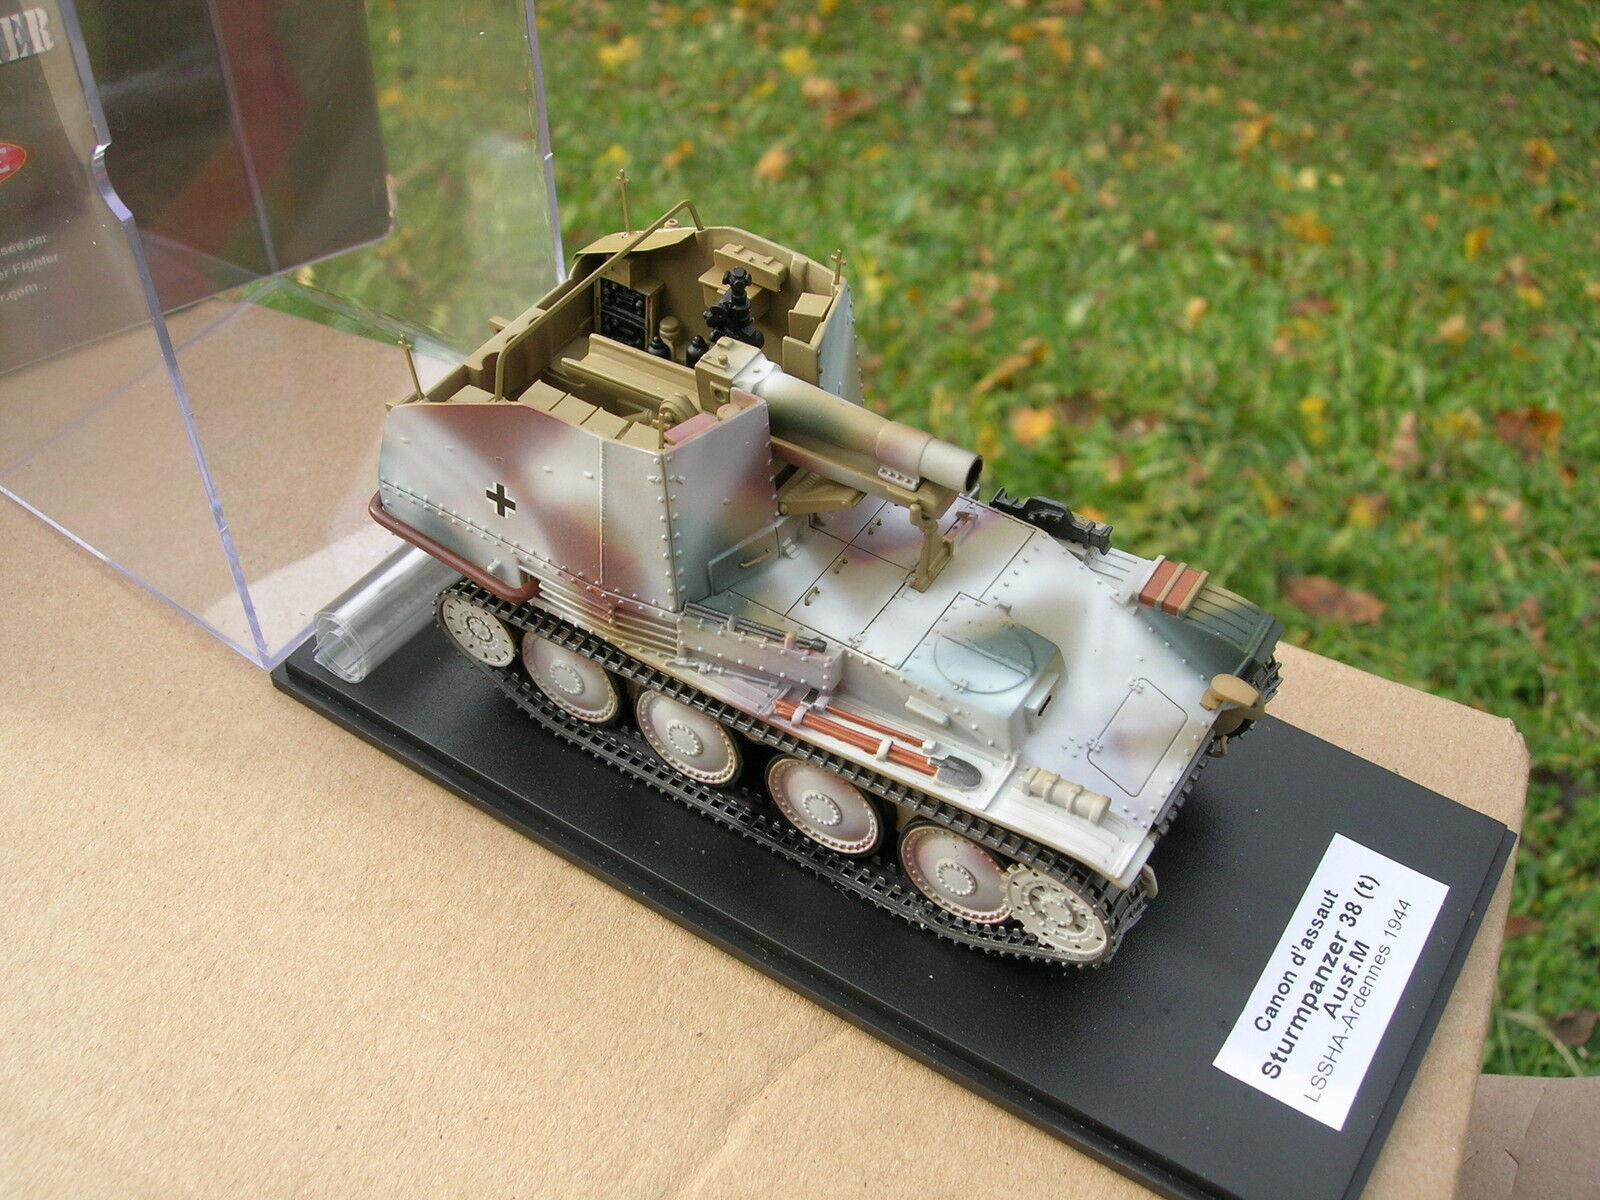 MASTER FIGHTER 1 48 CHAR ALLEMAND TANK STURMPANZER 38 Ausf M 138 1 ref48560HI